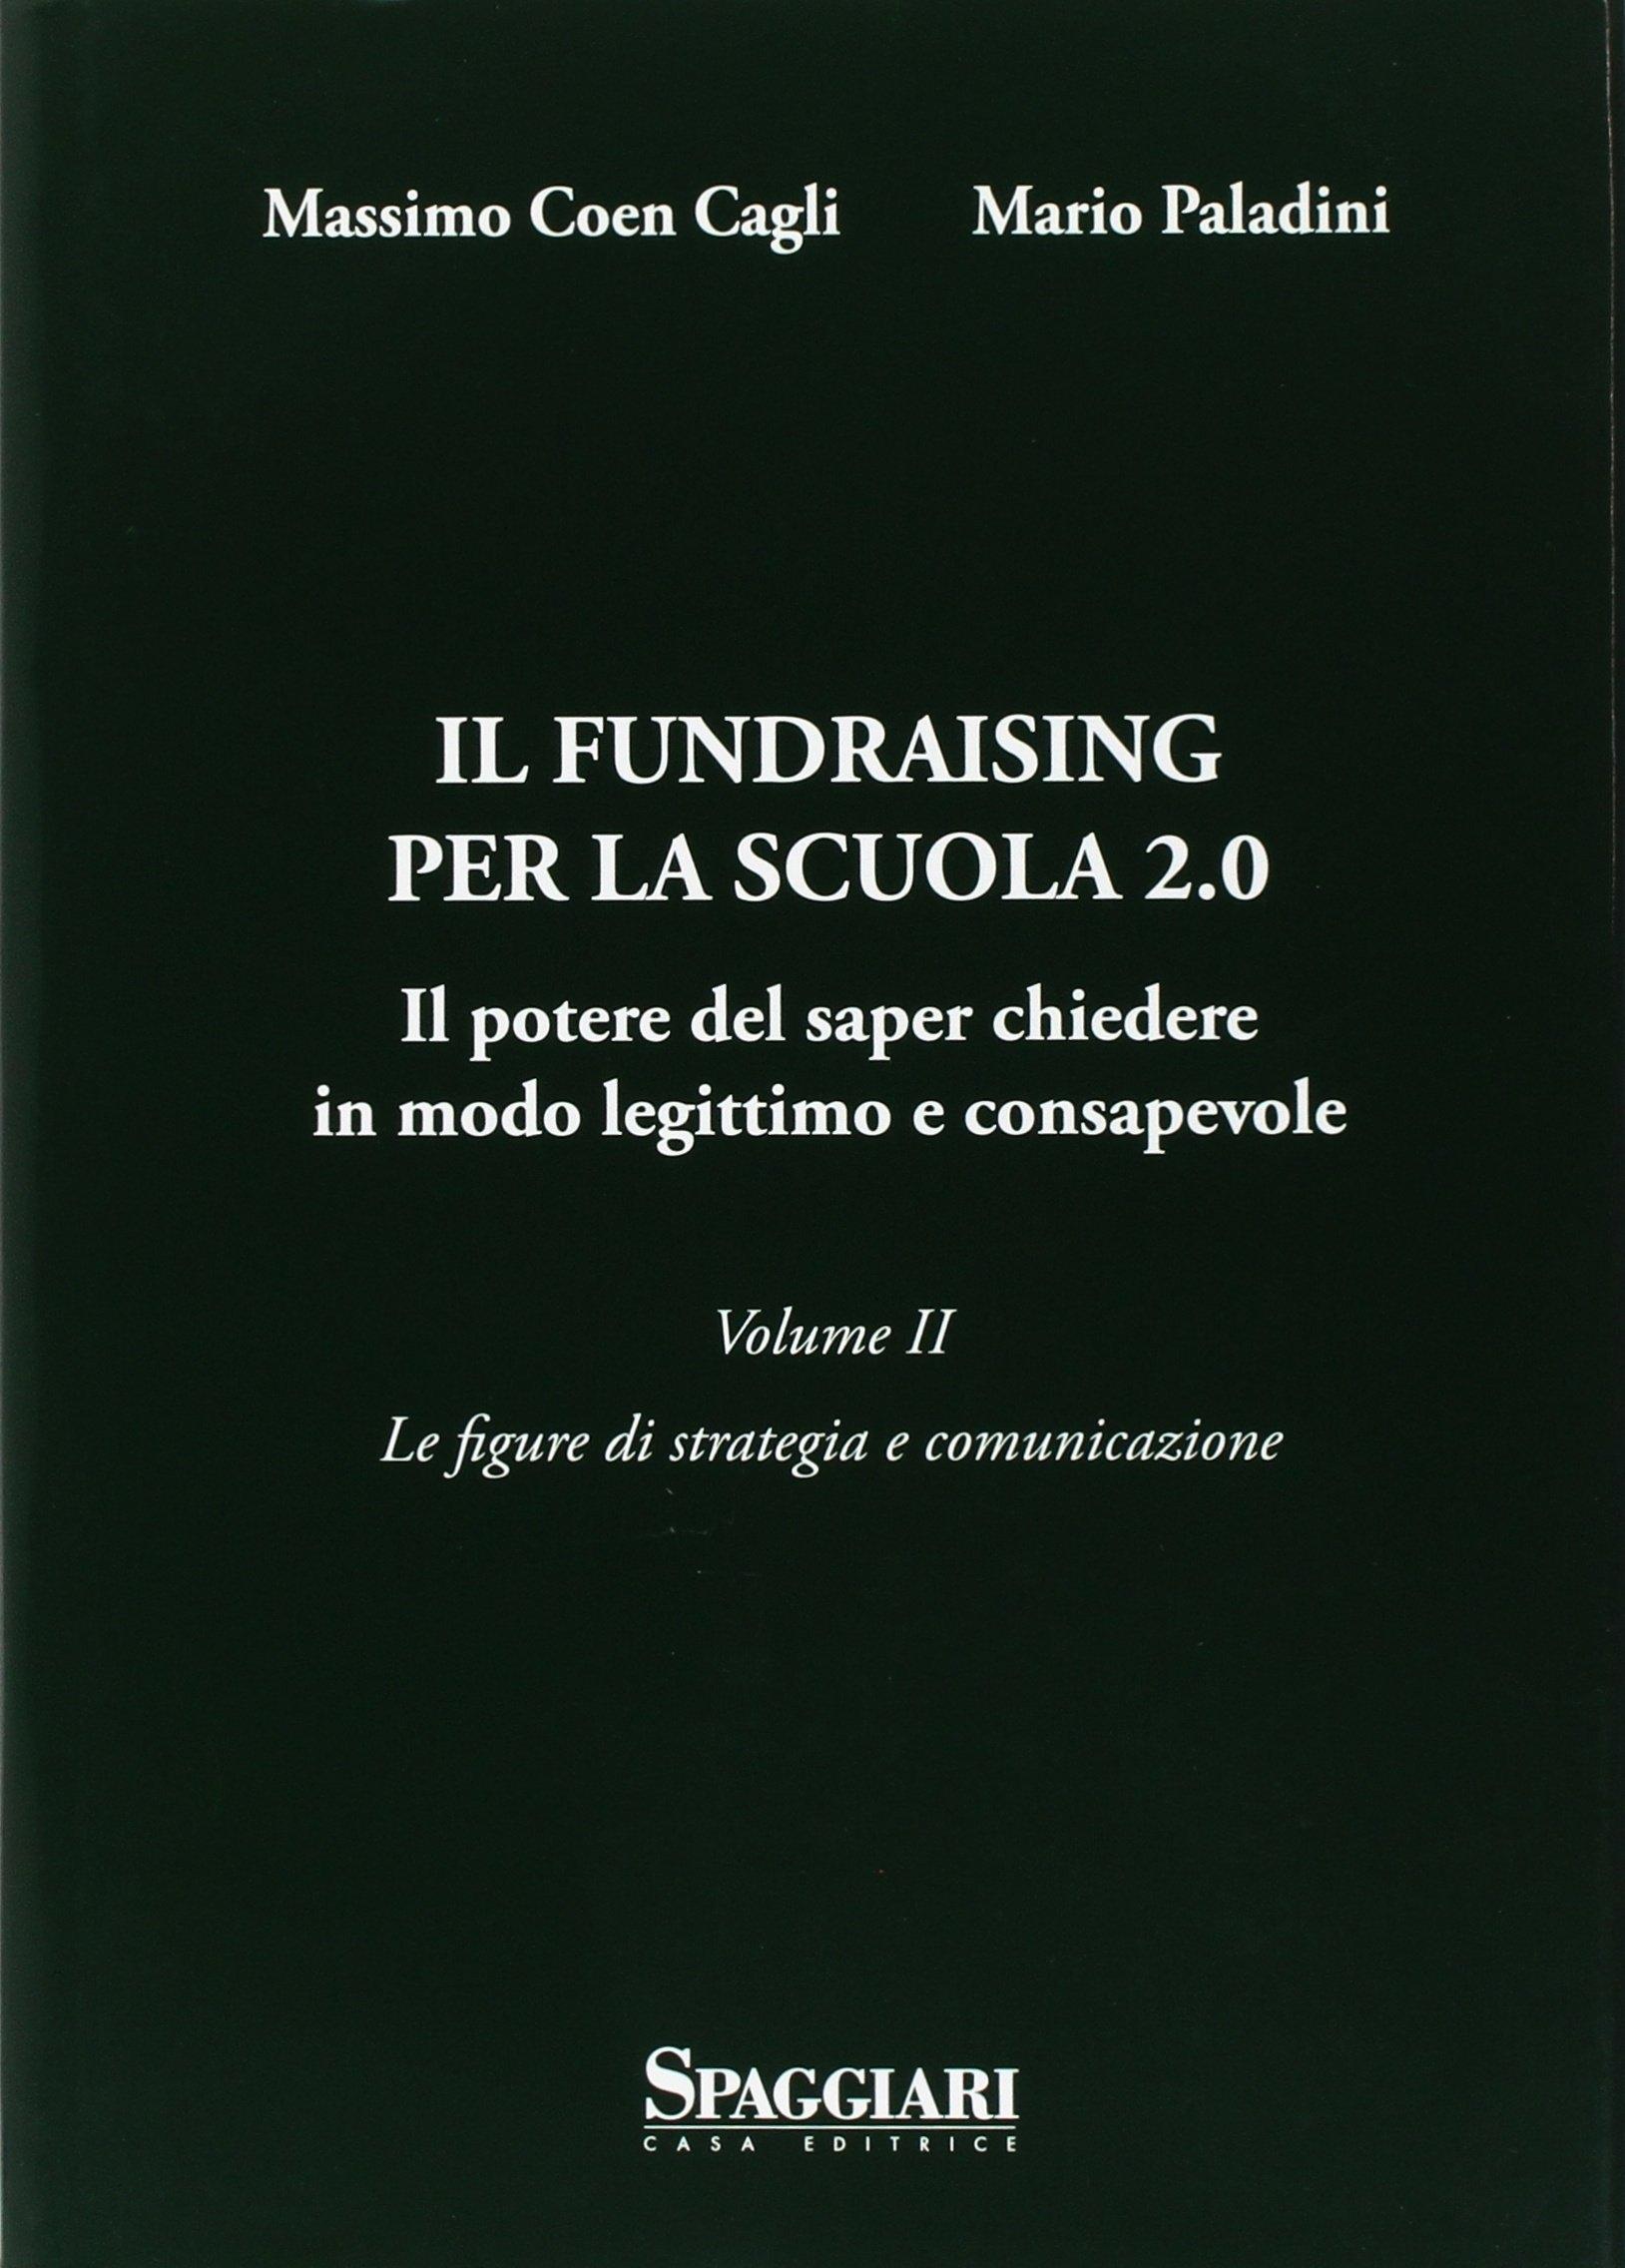 Il Fundraising per la scuola 2.0. Il potere del saper chiedere in modo legittimo e consapevole. Vol. 2: Le figure di strategia e comunicazione